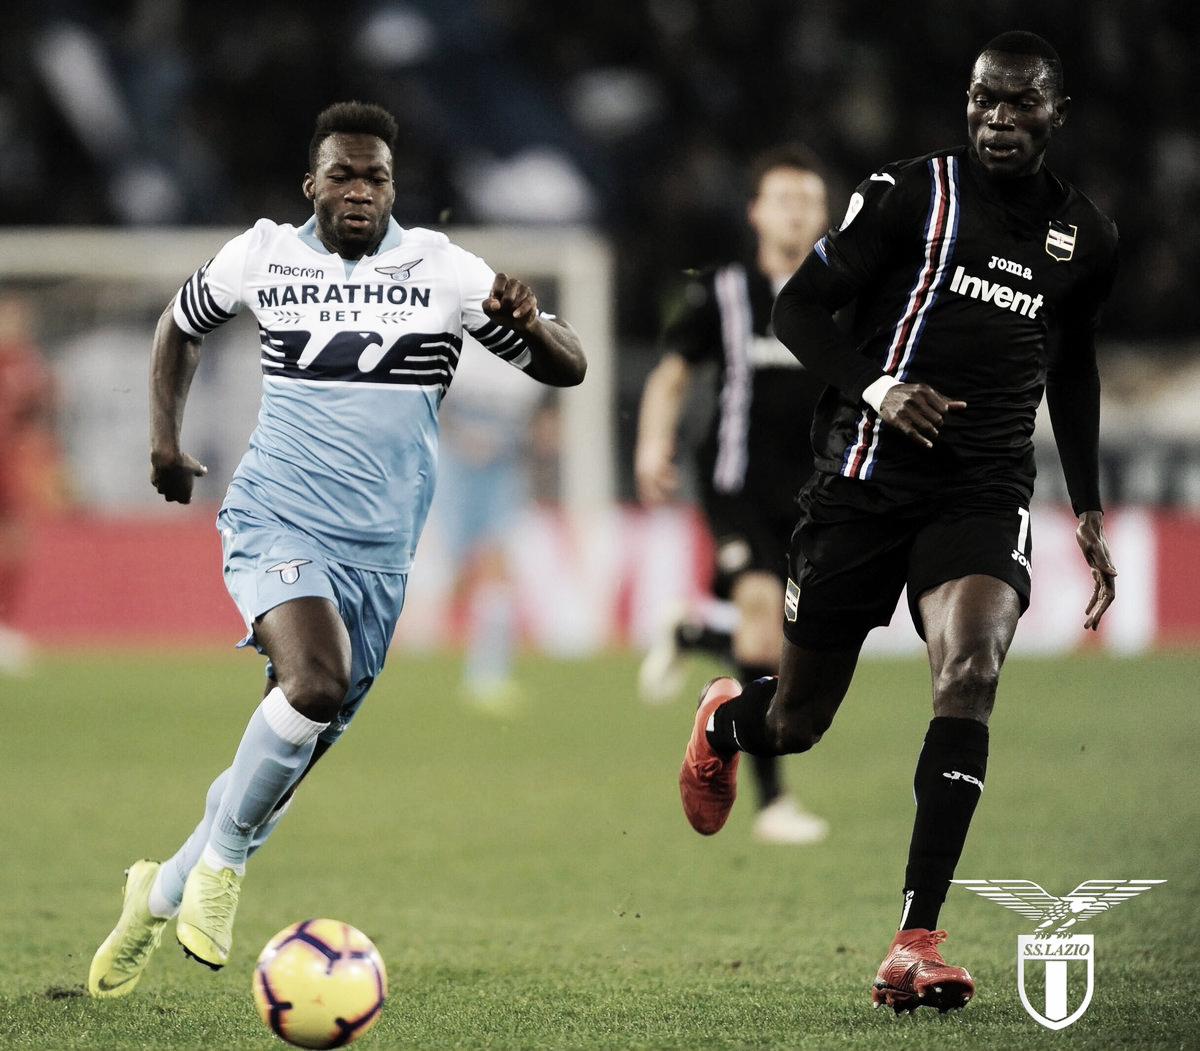 Em jogo com final movimentado, Sampdoria arranca empate contra Lazio no Olímpico